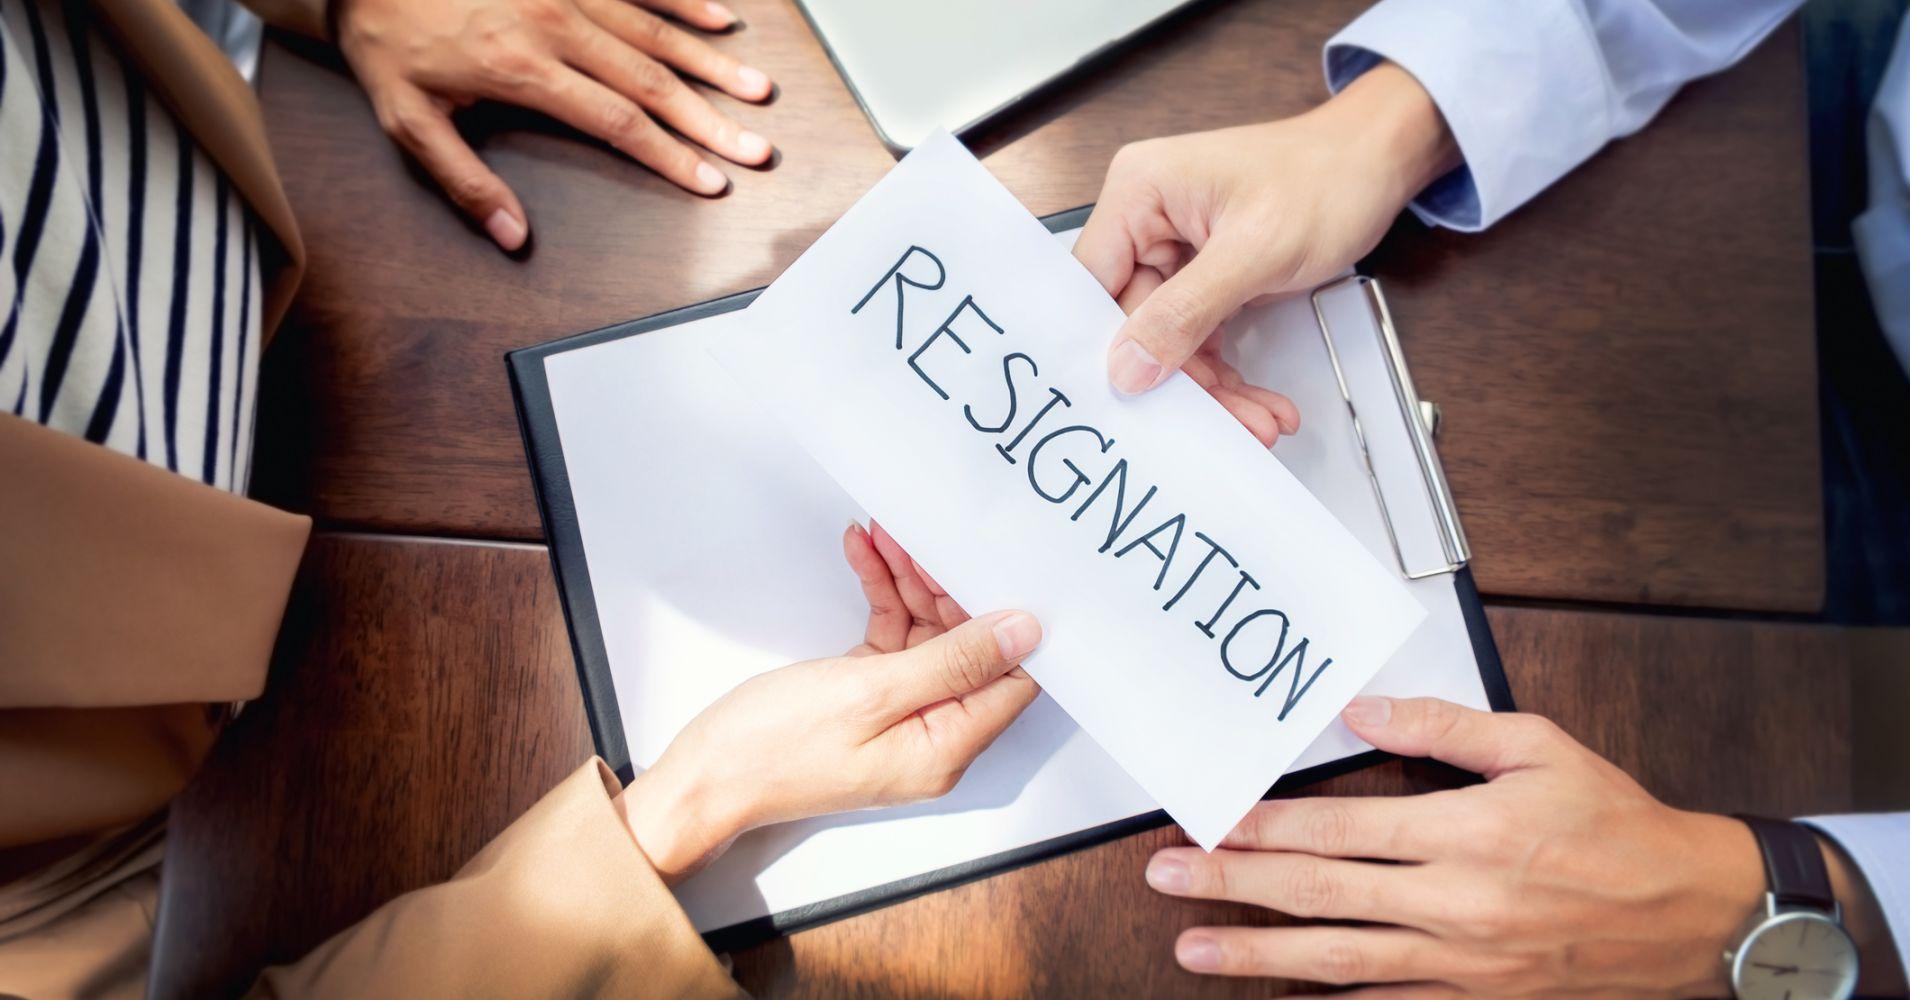 Alasan-yang-Kerap-Digunakan-Saat-Mengajukan-Resign